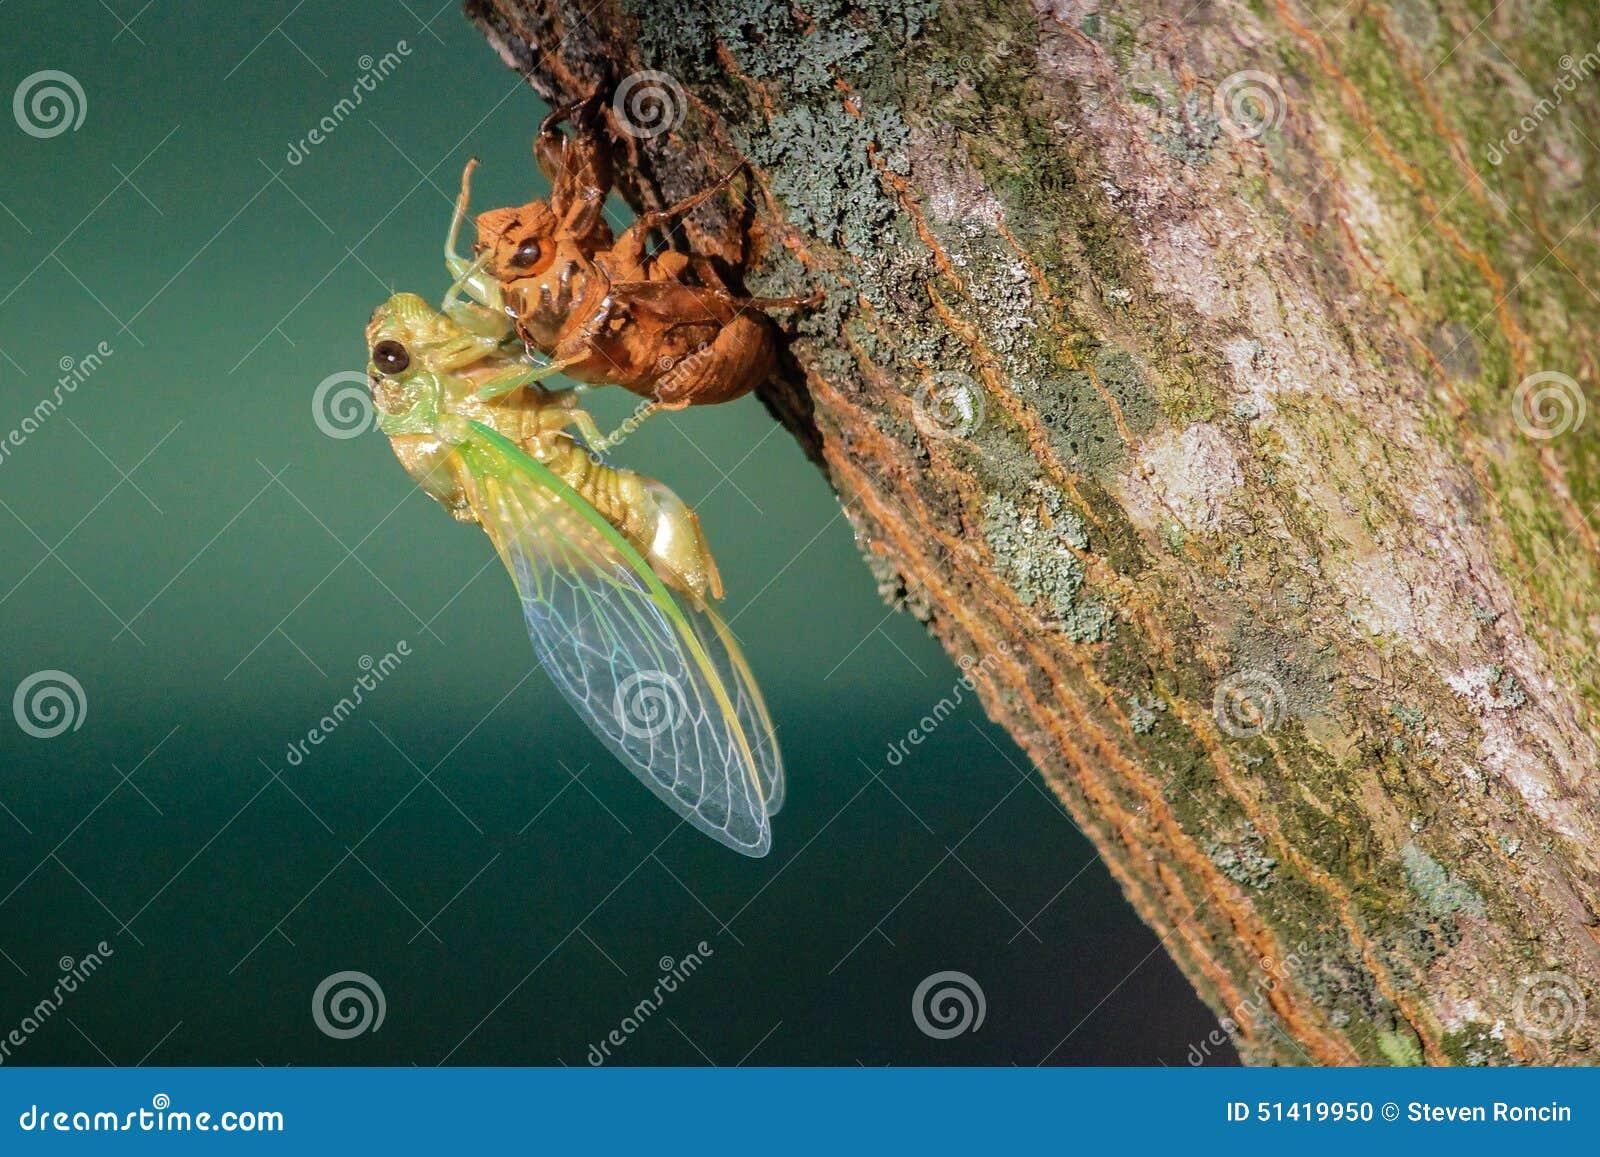 Cikadakrypet avslutar metamorfos in i bevingad vuxen människa